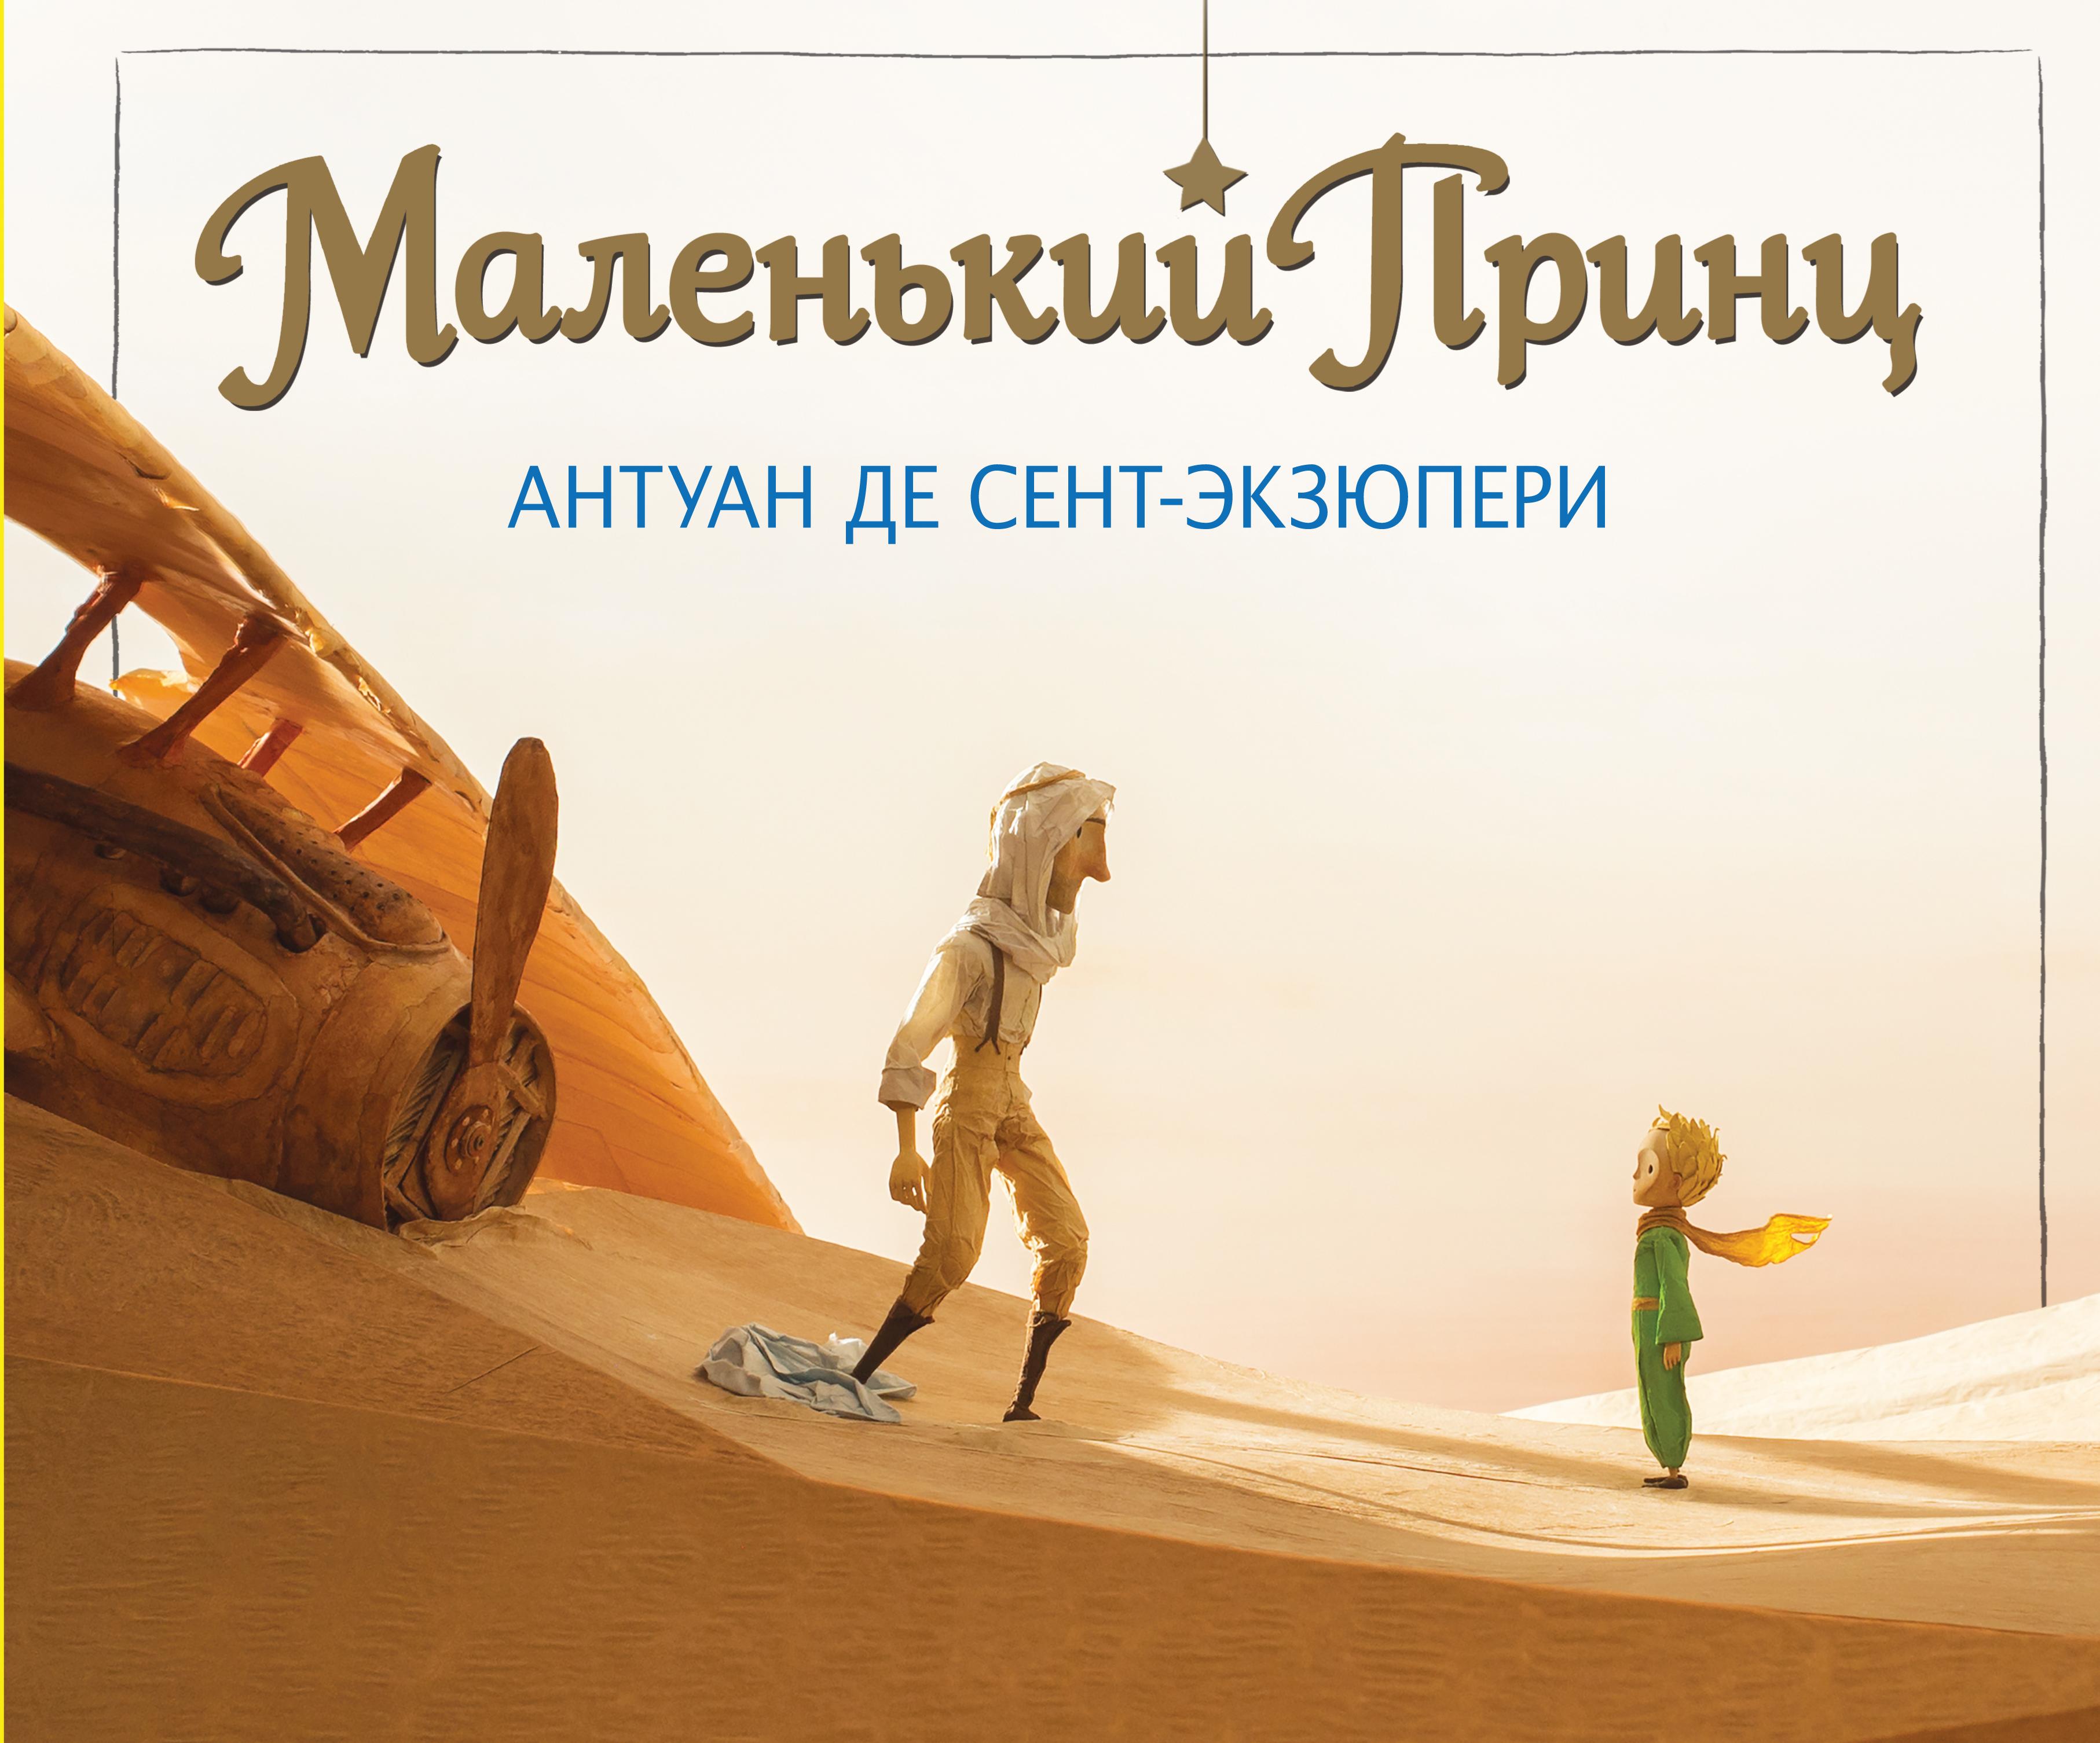 Маленький принц книга скачать fb2 на русском